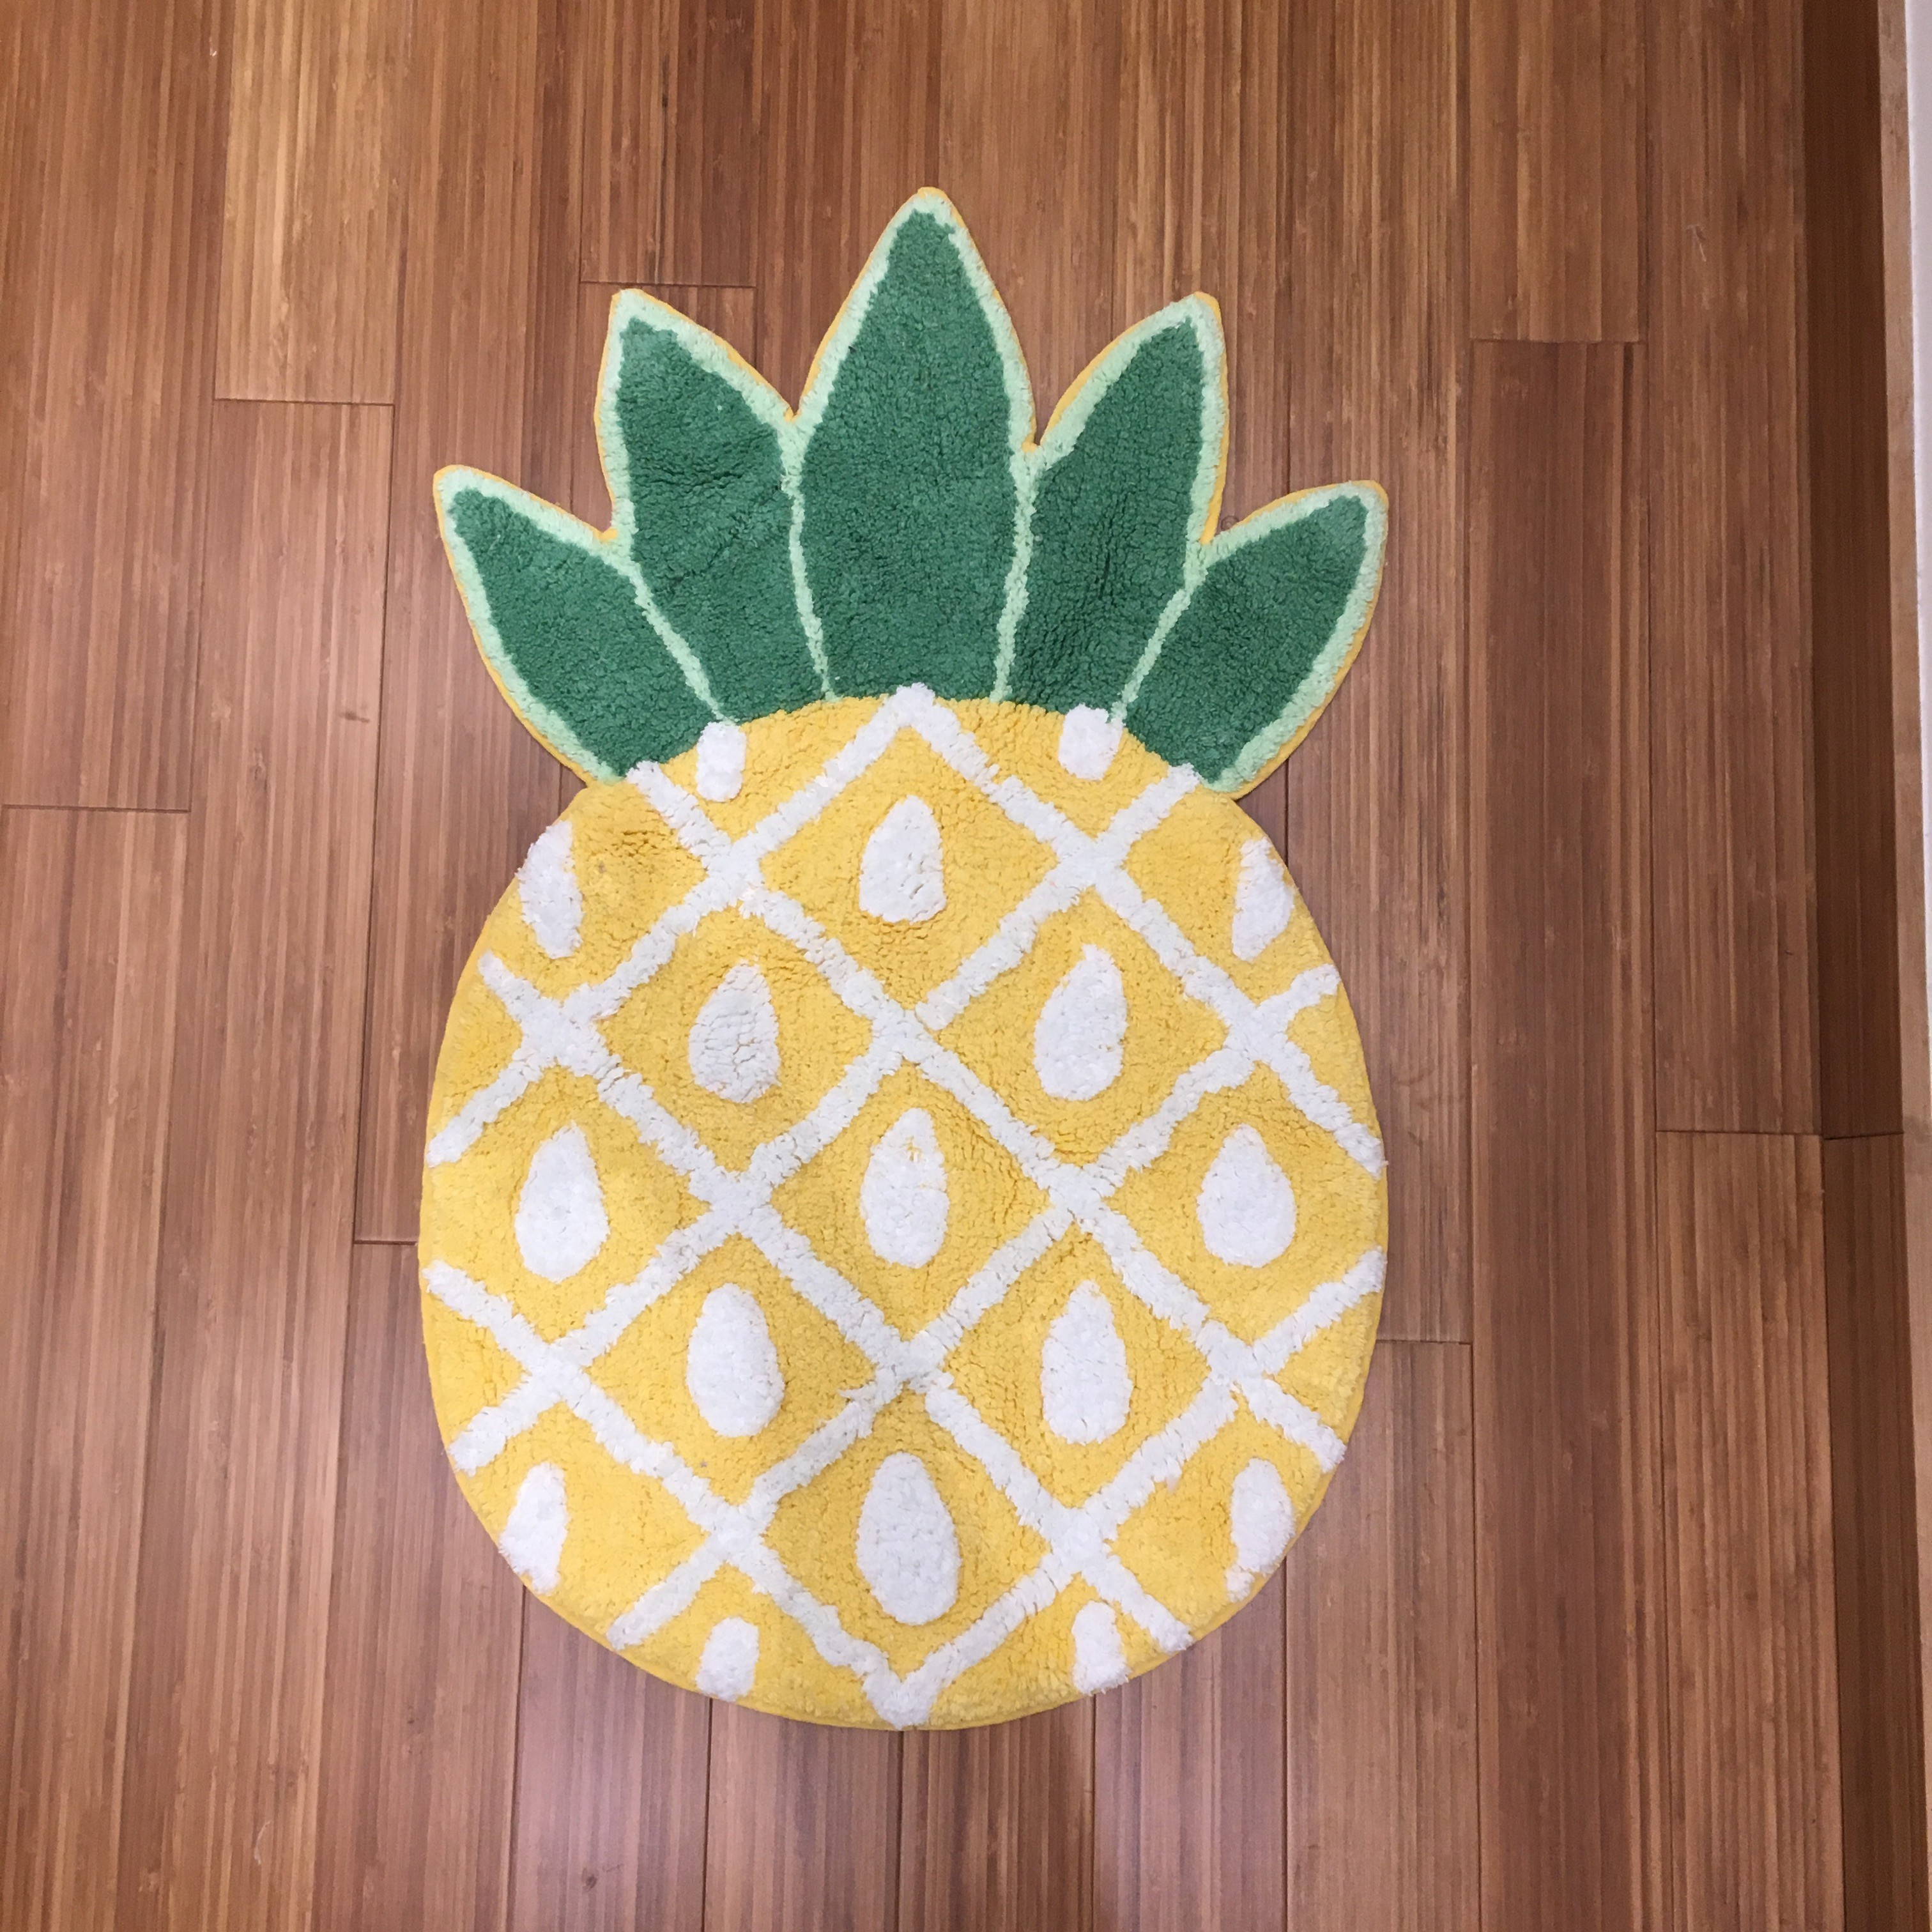 tapis salle de bain ananas - solida rio